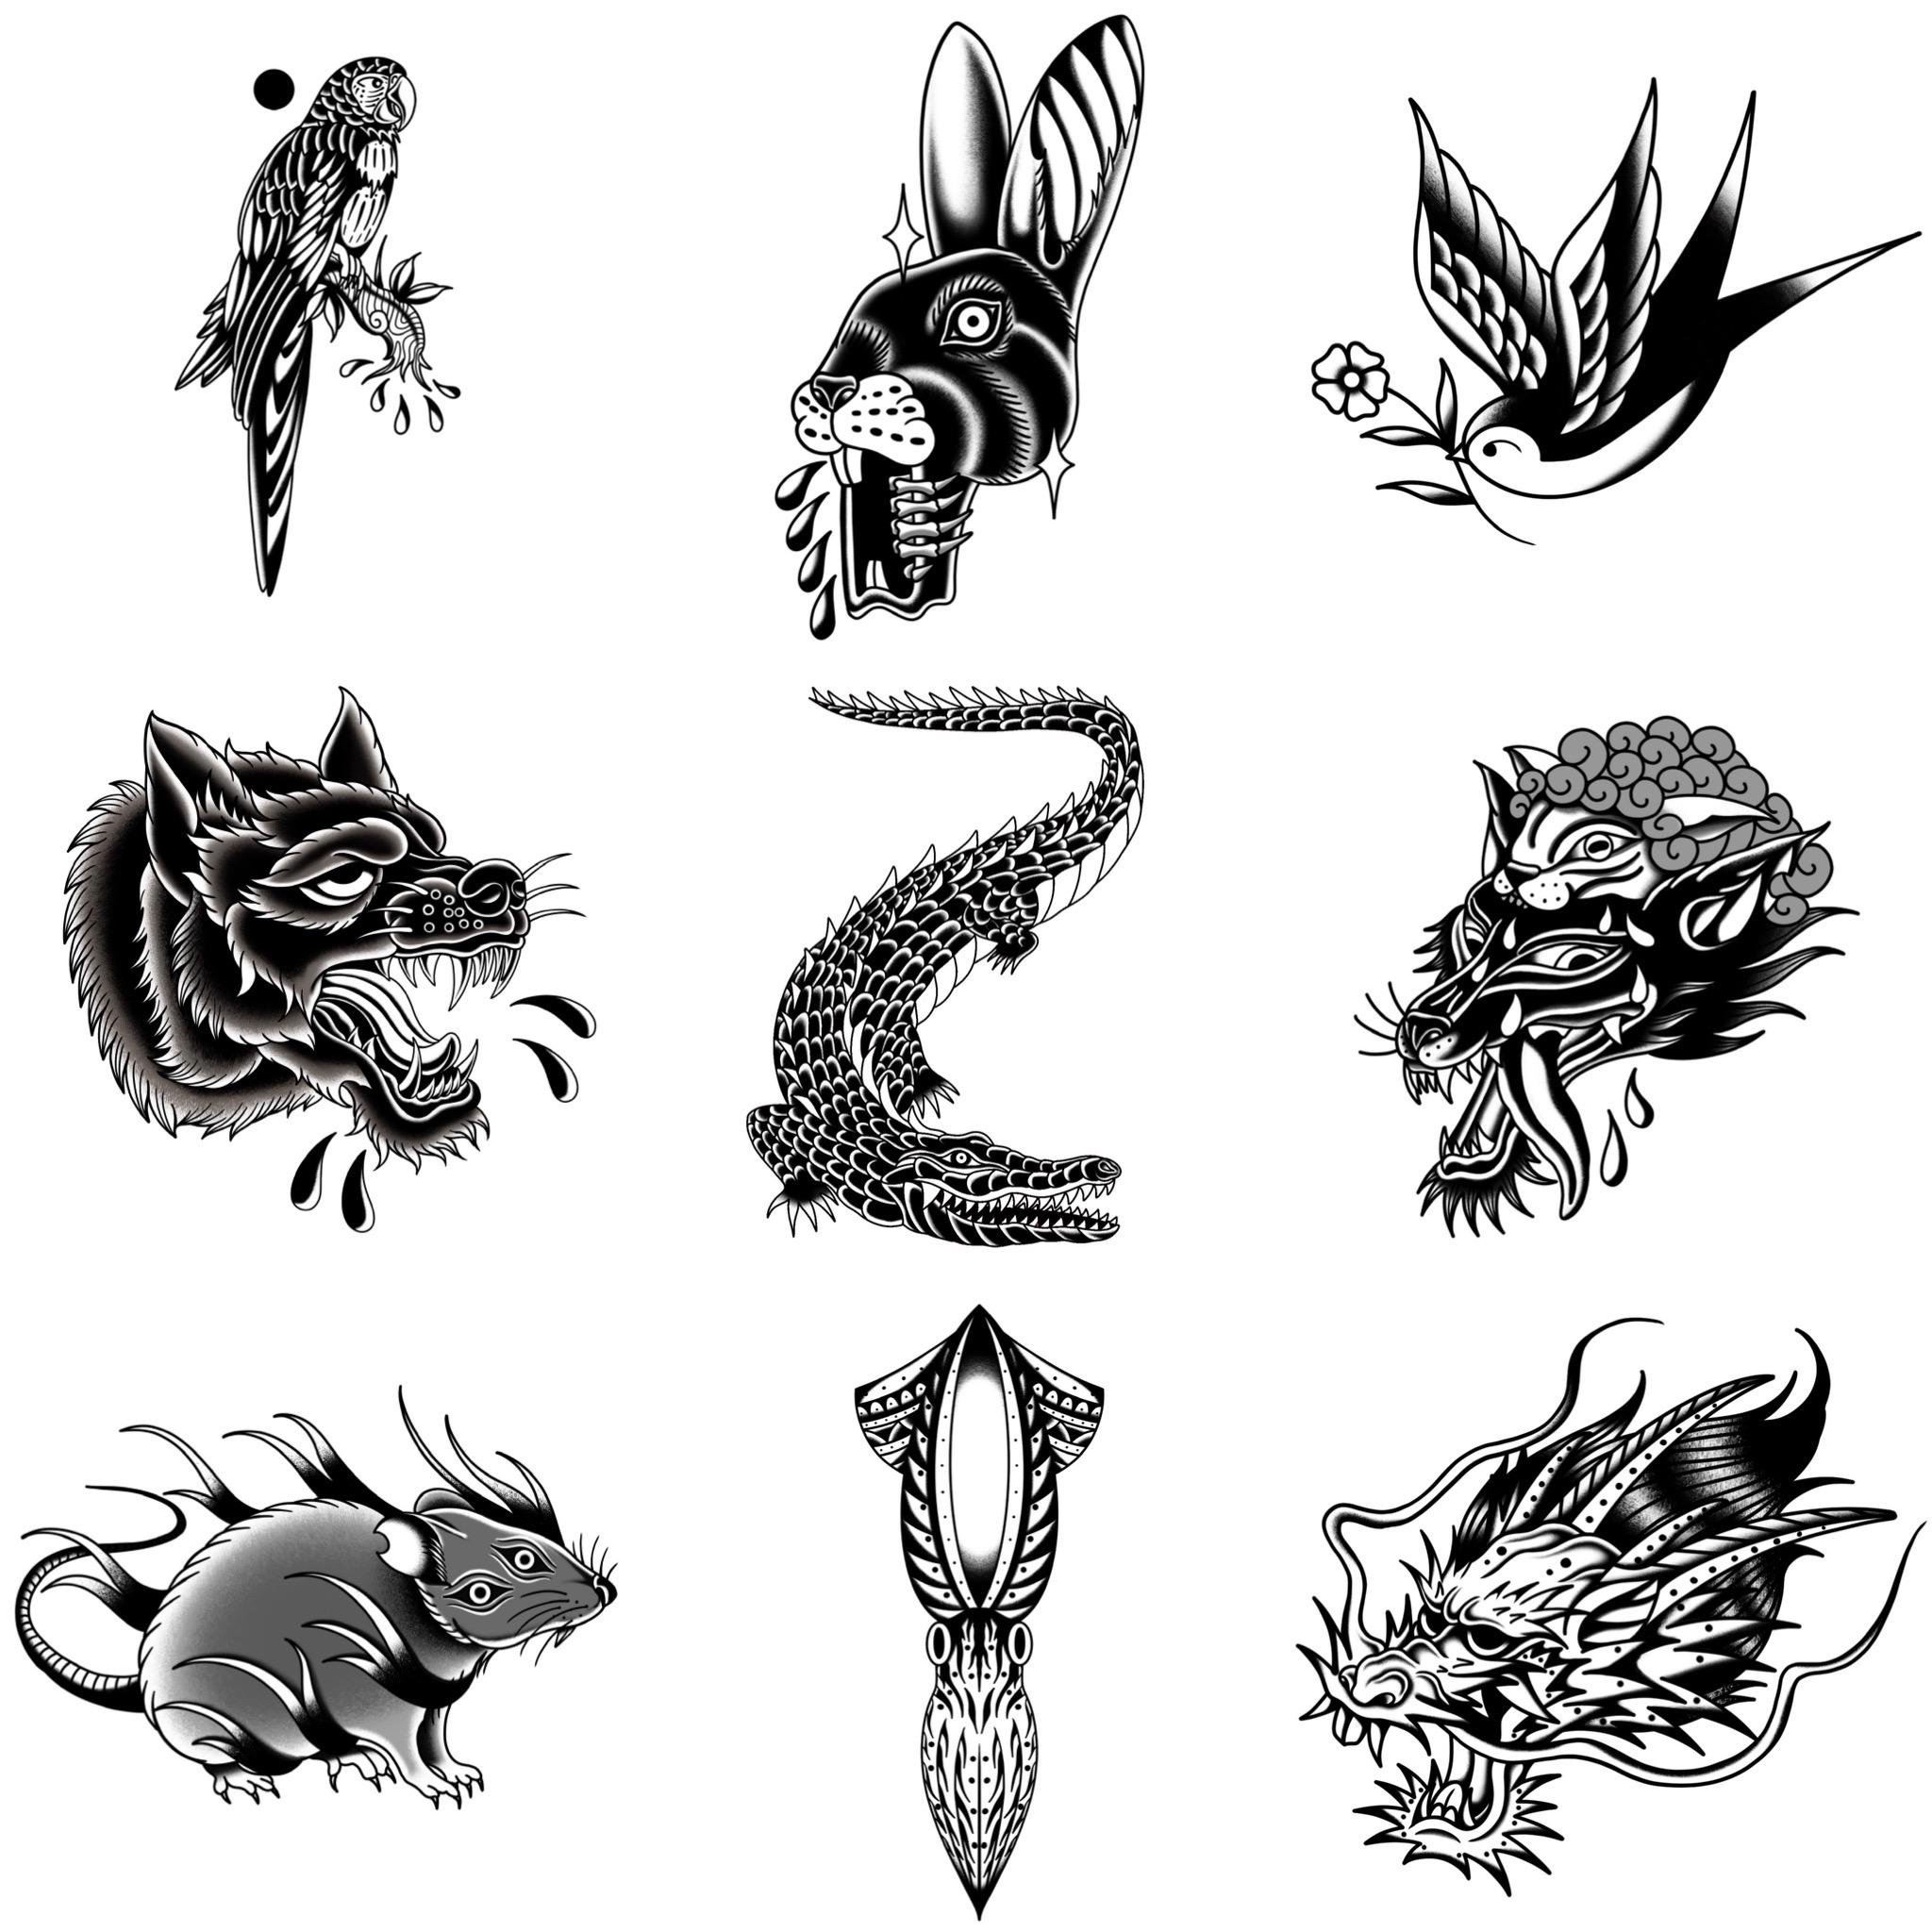 ブラックトラディショナル 生物系のトラディショナルデザイン タトゥーデザイン トラディショナル 《東京タトゥースタジオ》